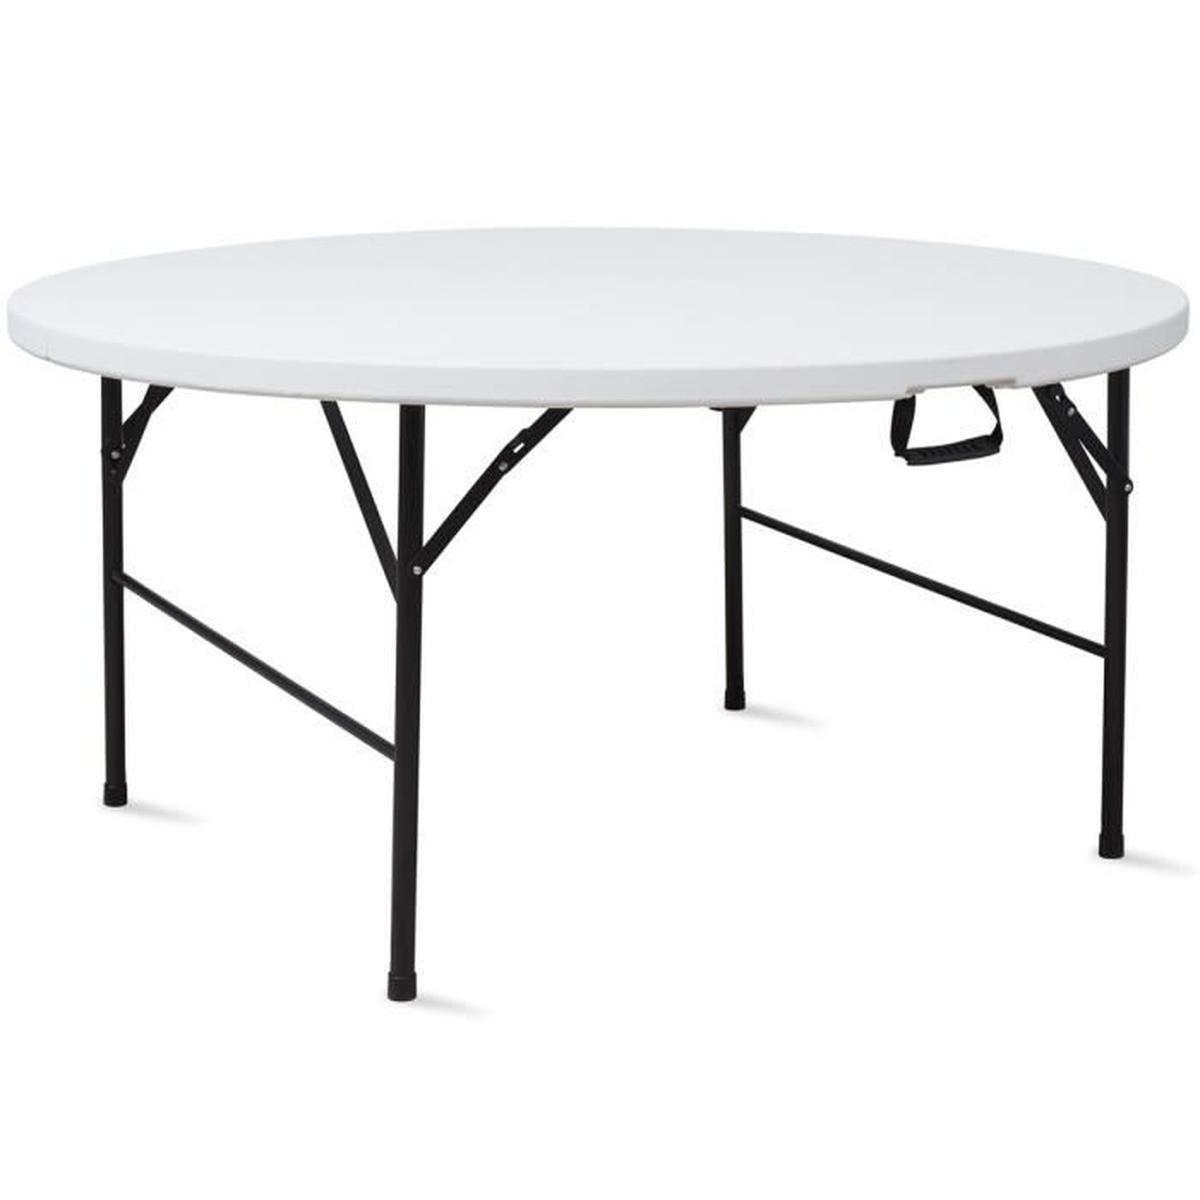 Table Pliante Ronde 180 Cm Portable - Achat / Vente Table De ... intérieur Table Ronde Jardin Pas Cher